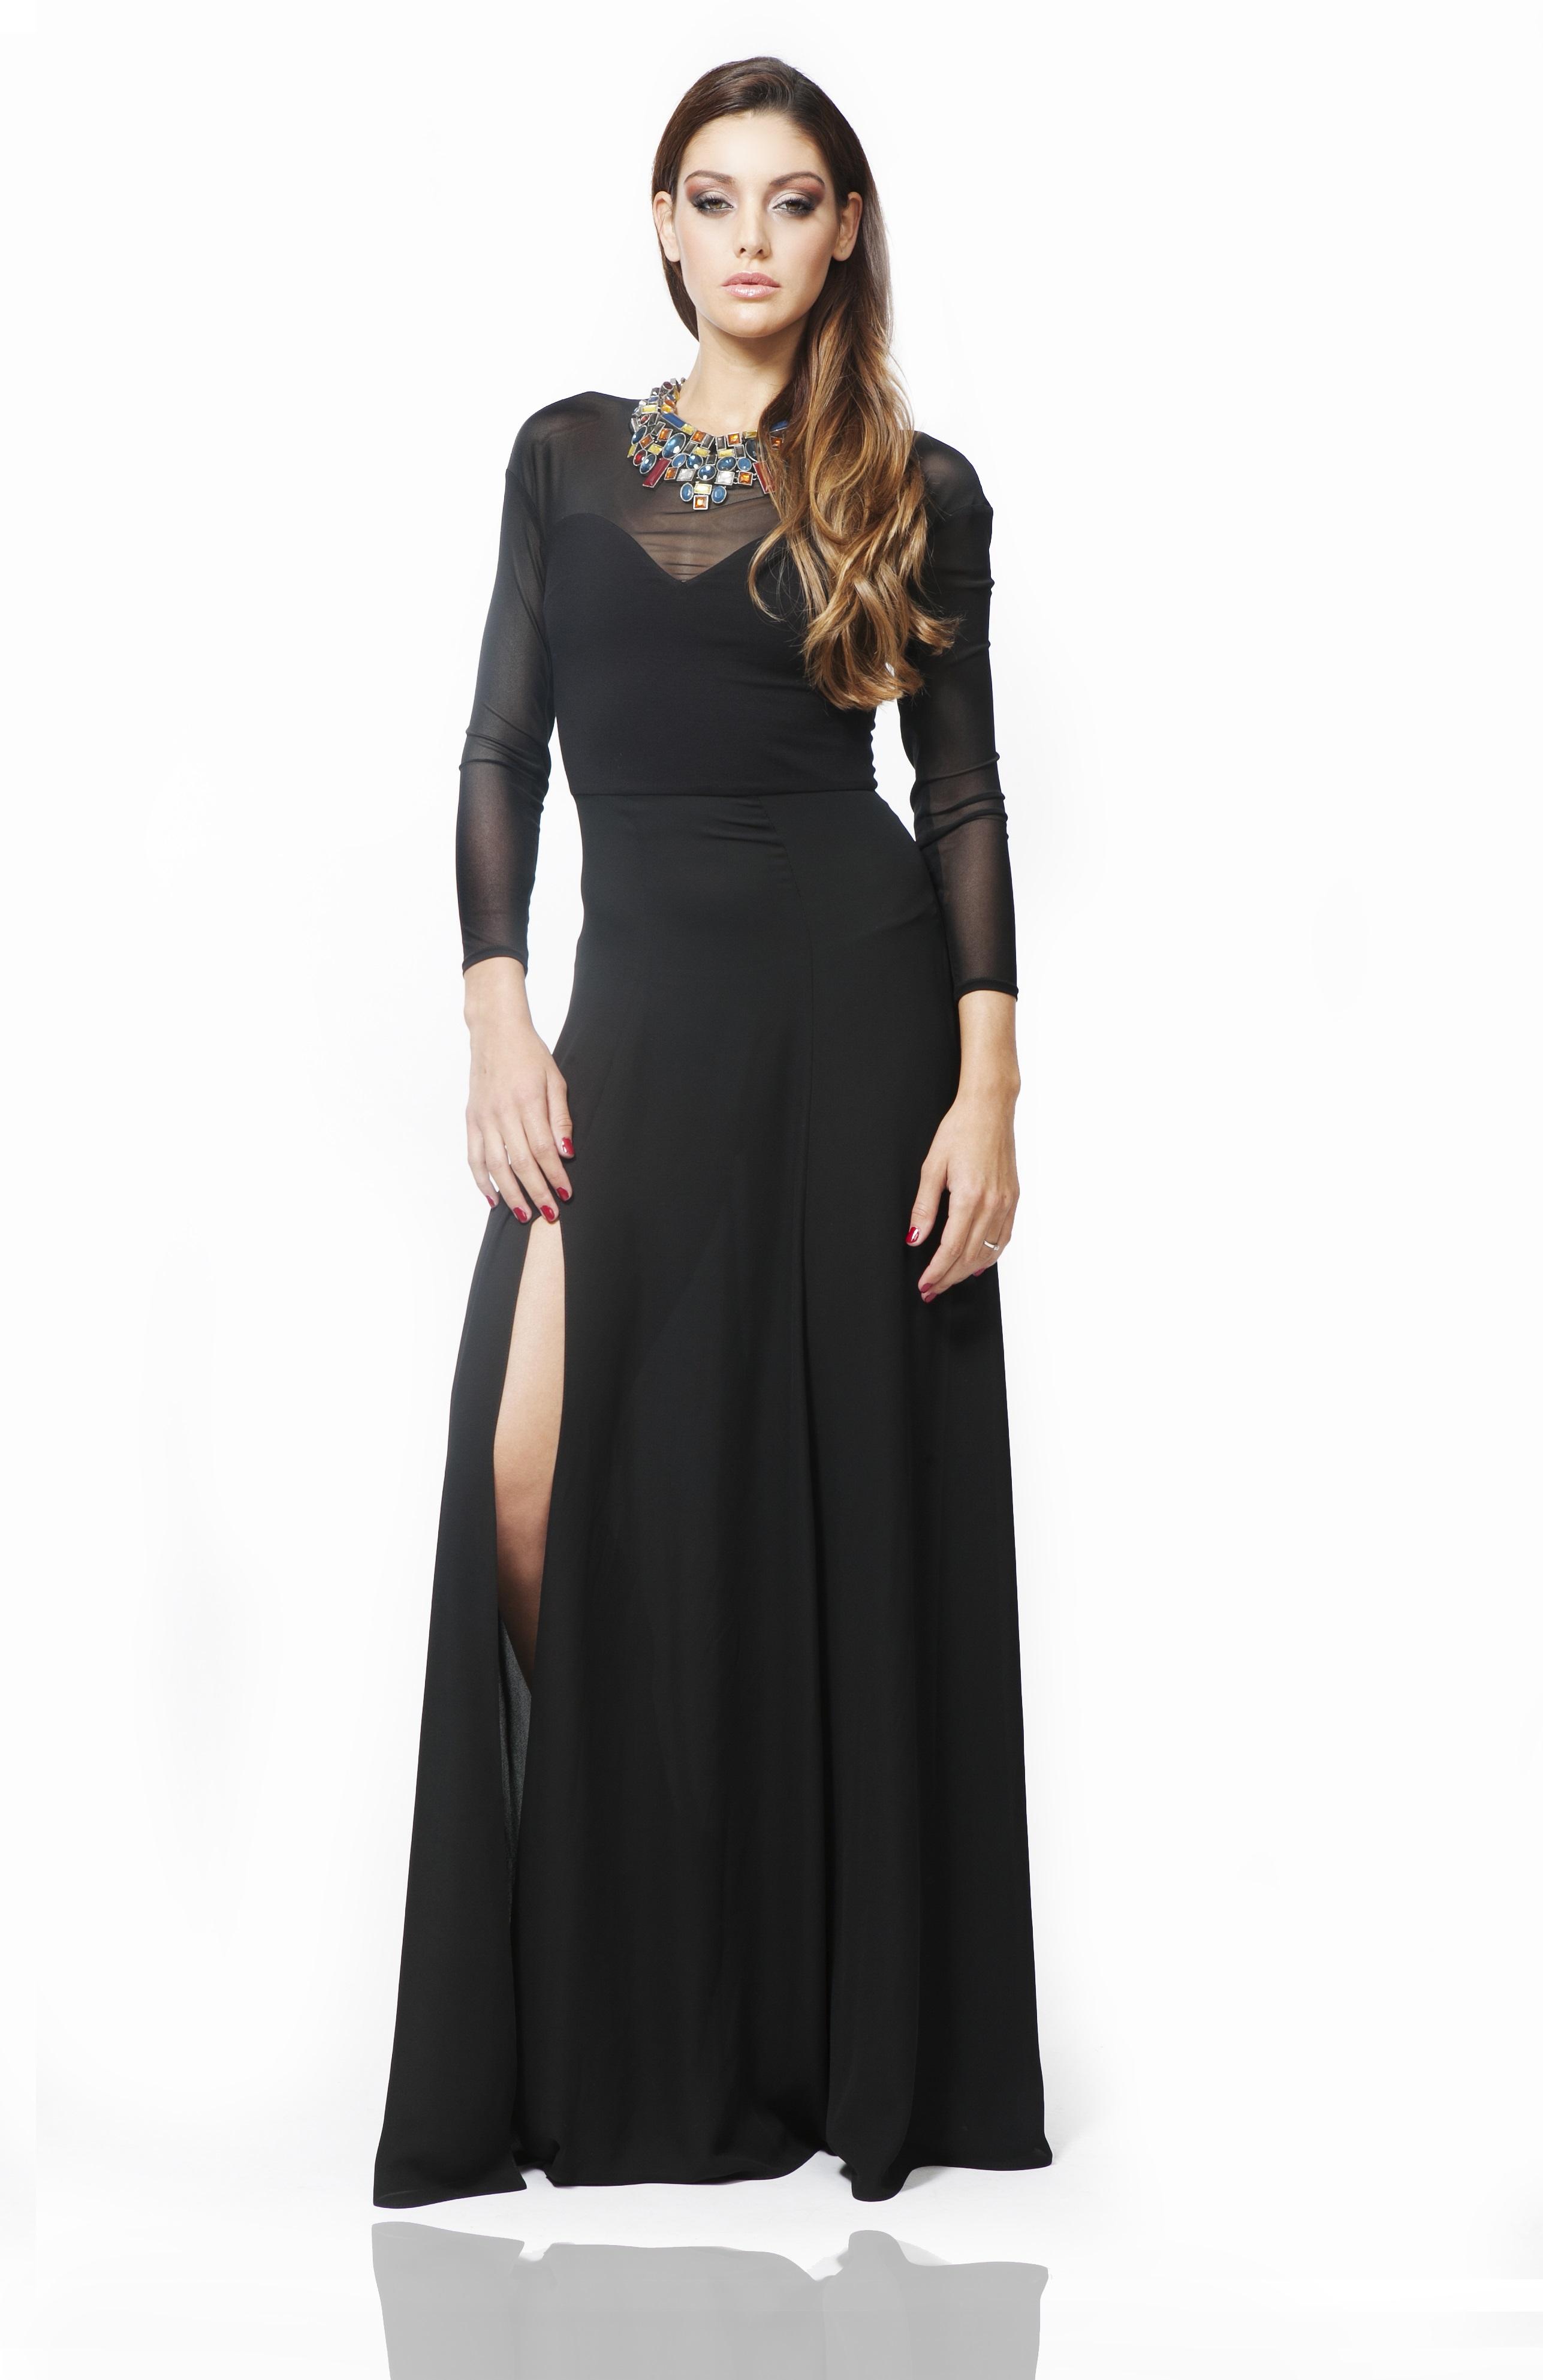 AMNESIA Elegáns fekete ruha - Amnesia webáruház a3333a3c52